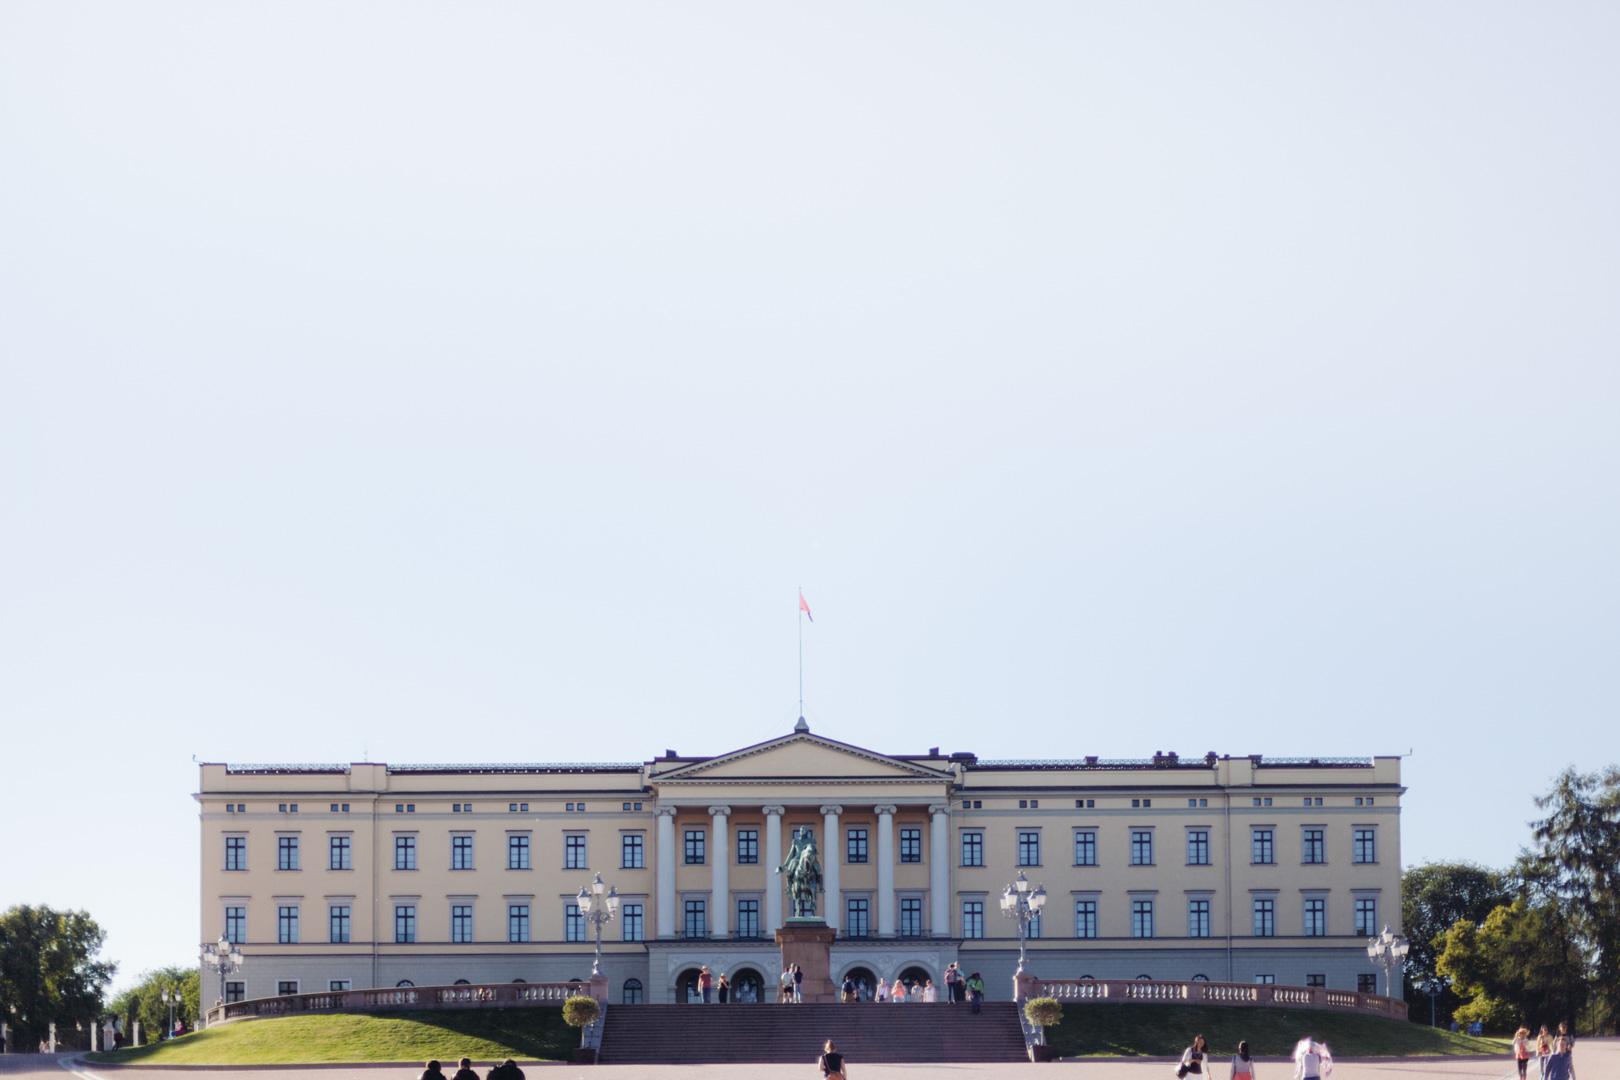 Le-Sycomore_Travel_Oslo_Palaisroyal_1.jpg